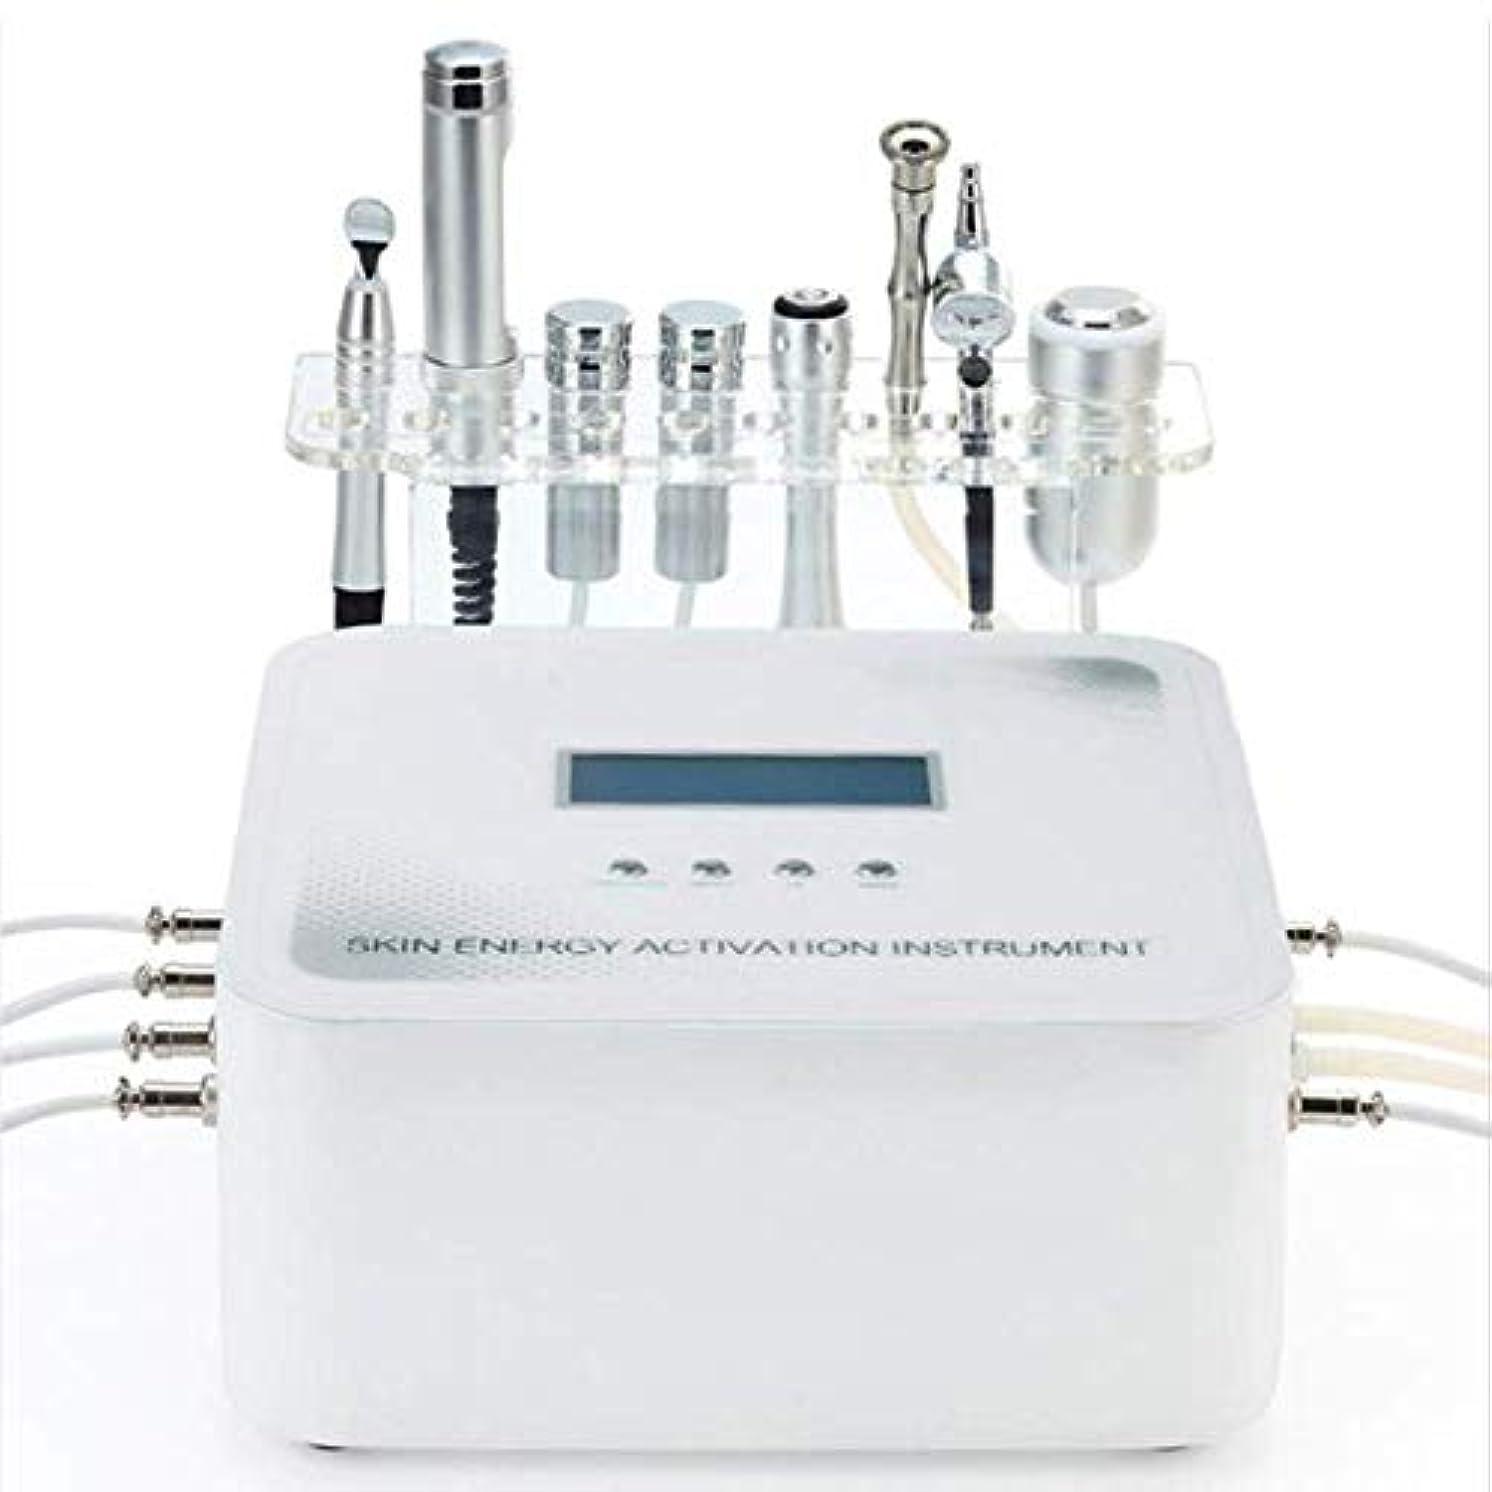 パノラマ適度に五十多機能両極マイクロ電気Rf美容機器、美容室の家族の使用に適した純粋な酸素肌の若返り楽器、150ワット110ボルト